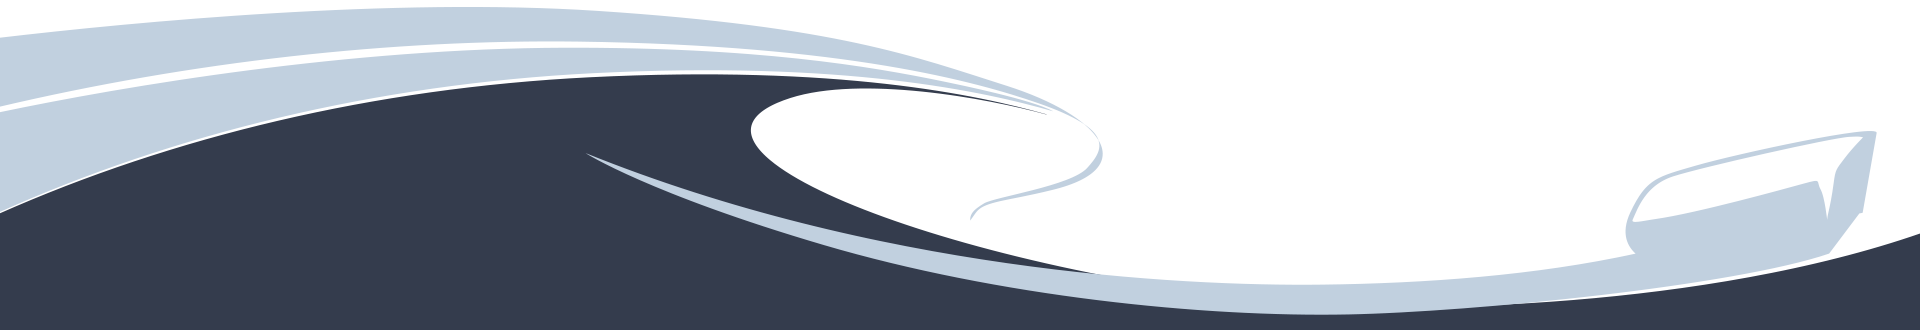 illustration d'une brosse à dent